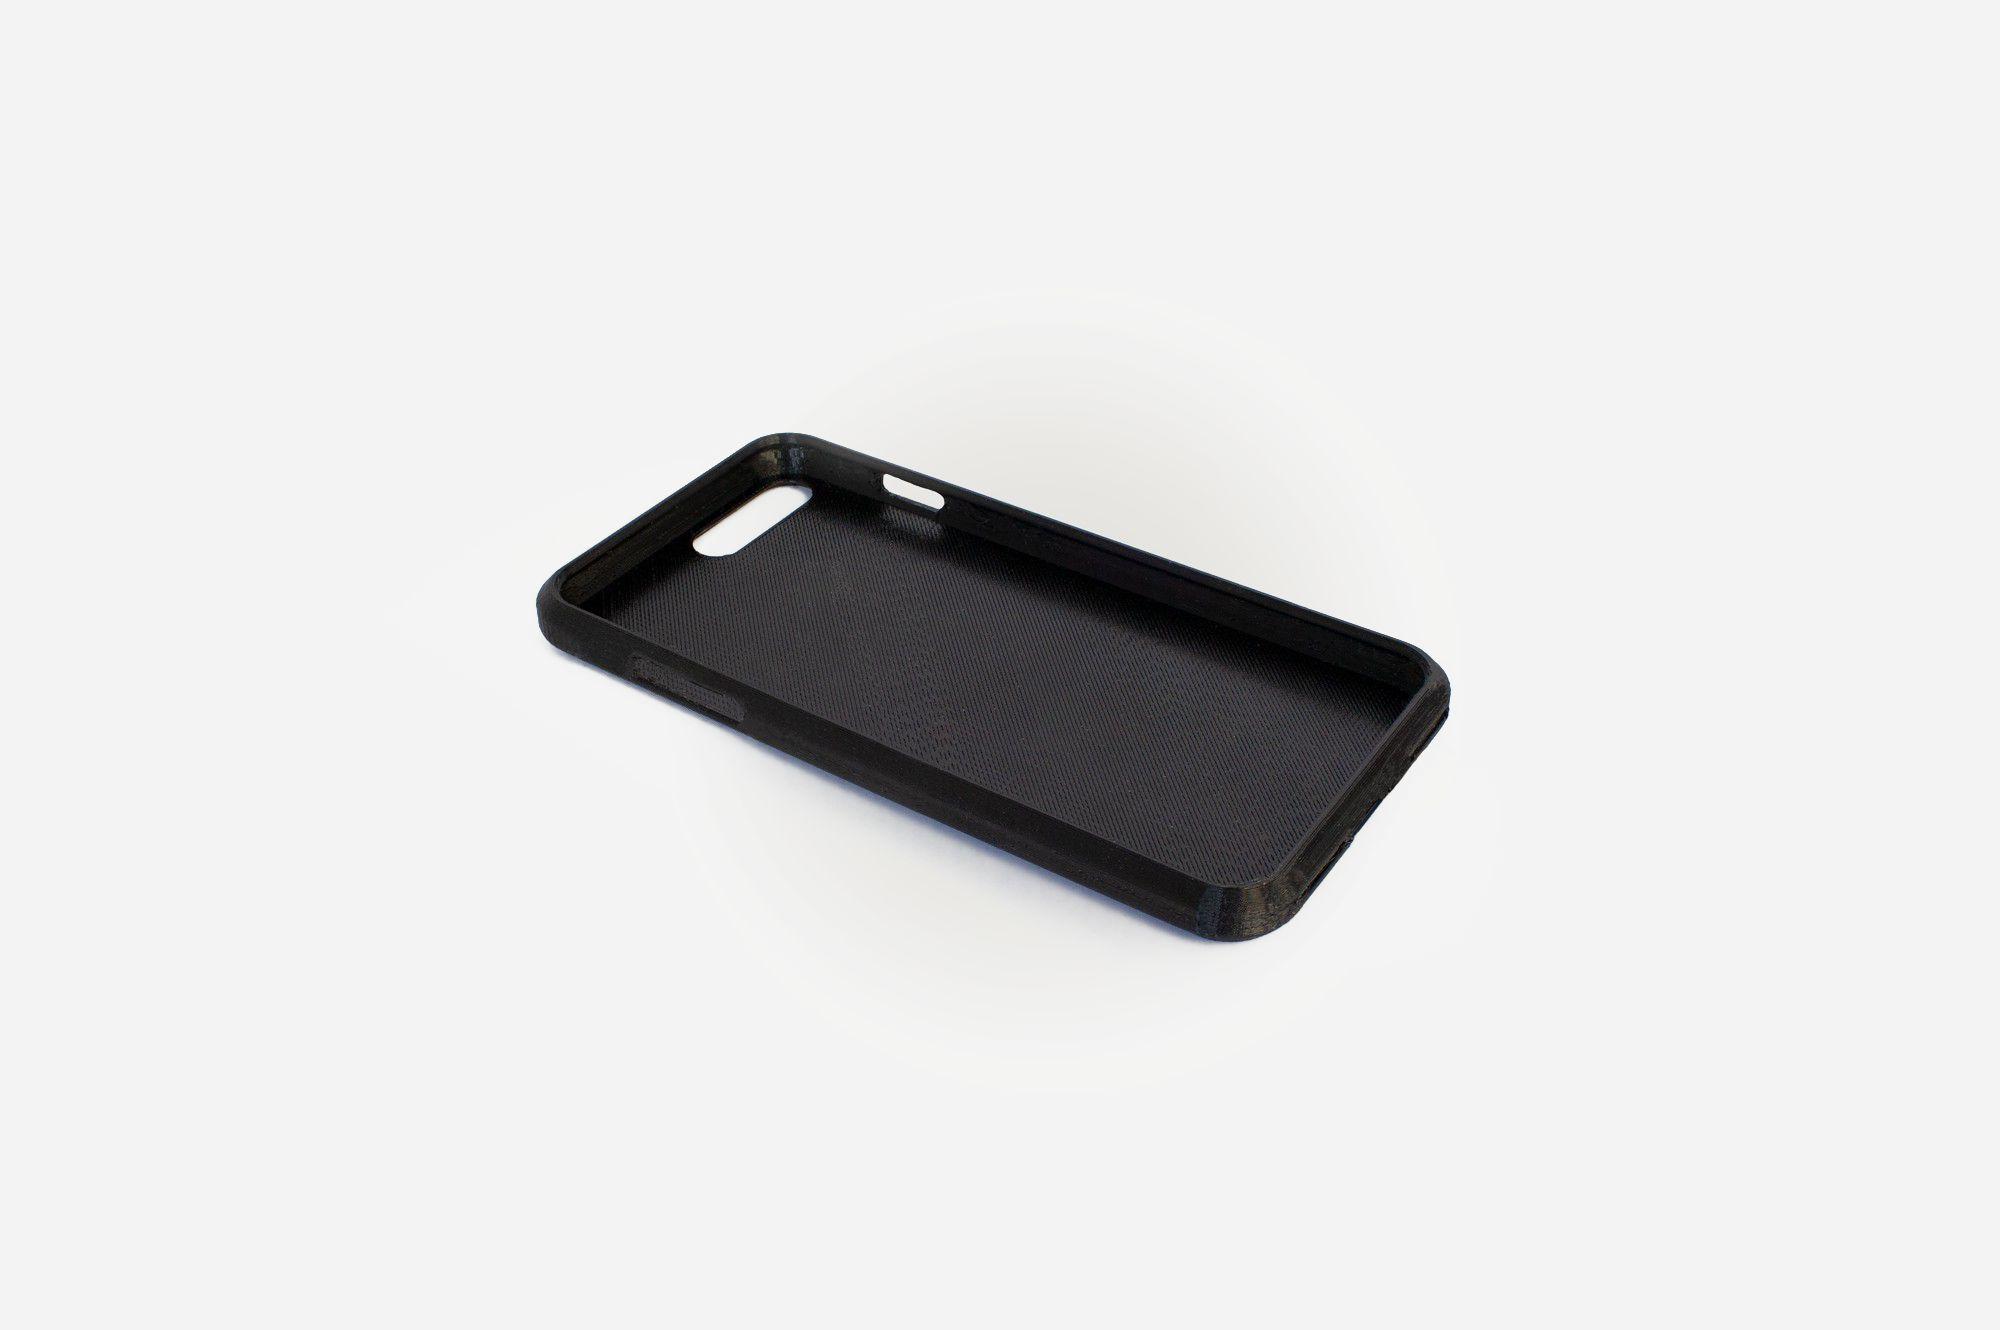 3d printed flex or TPU phone case